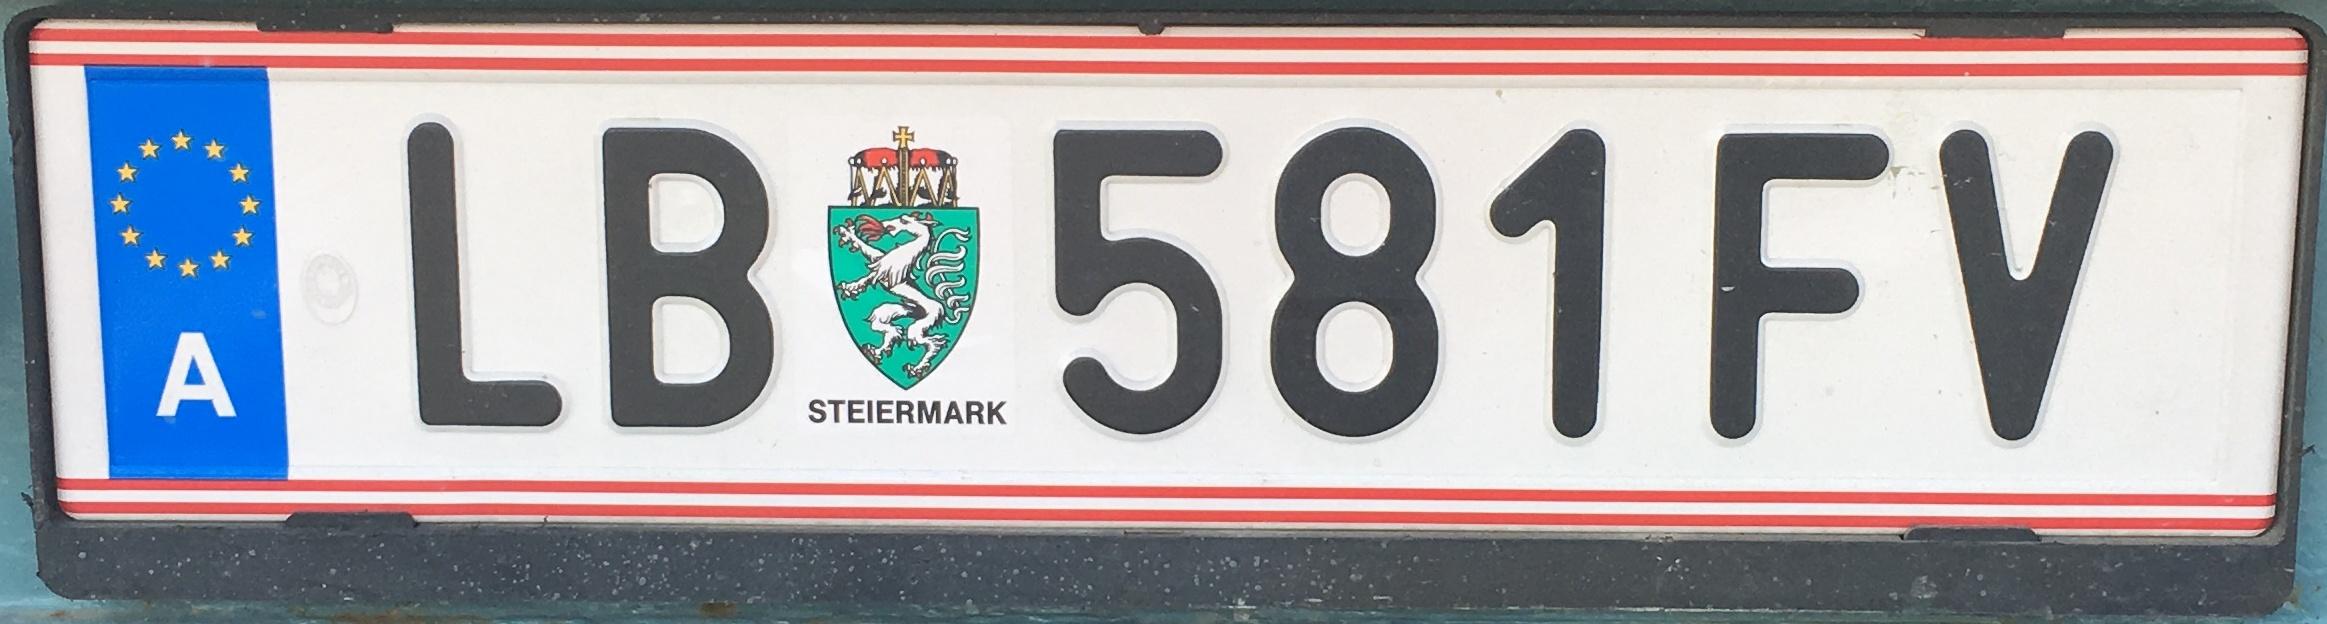 Registrační značka Rakousko - LB - Leibnitz, foto: www.podalnici.cz